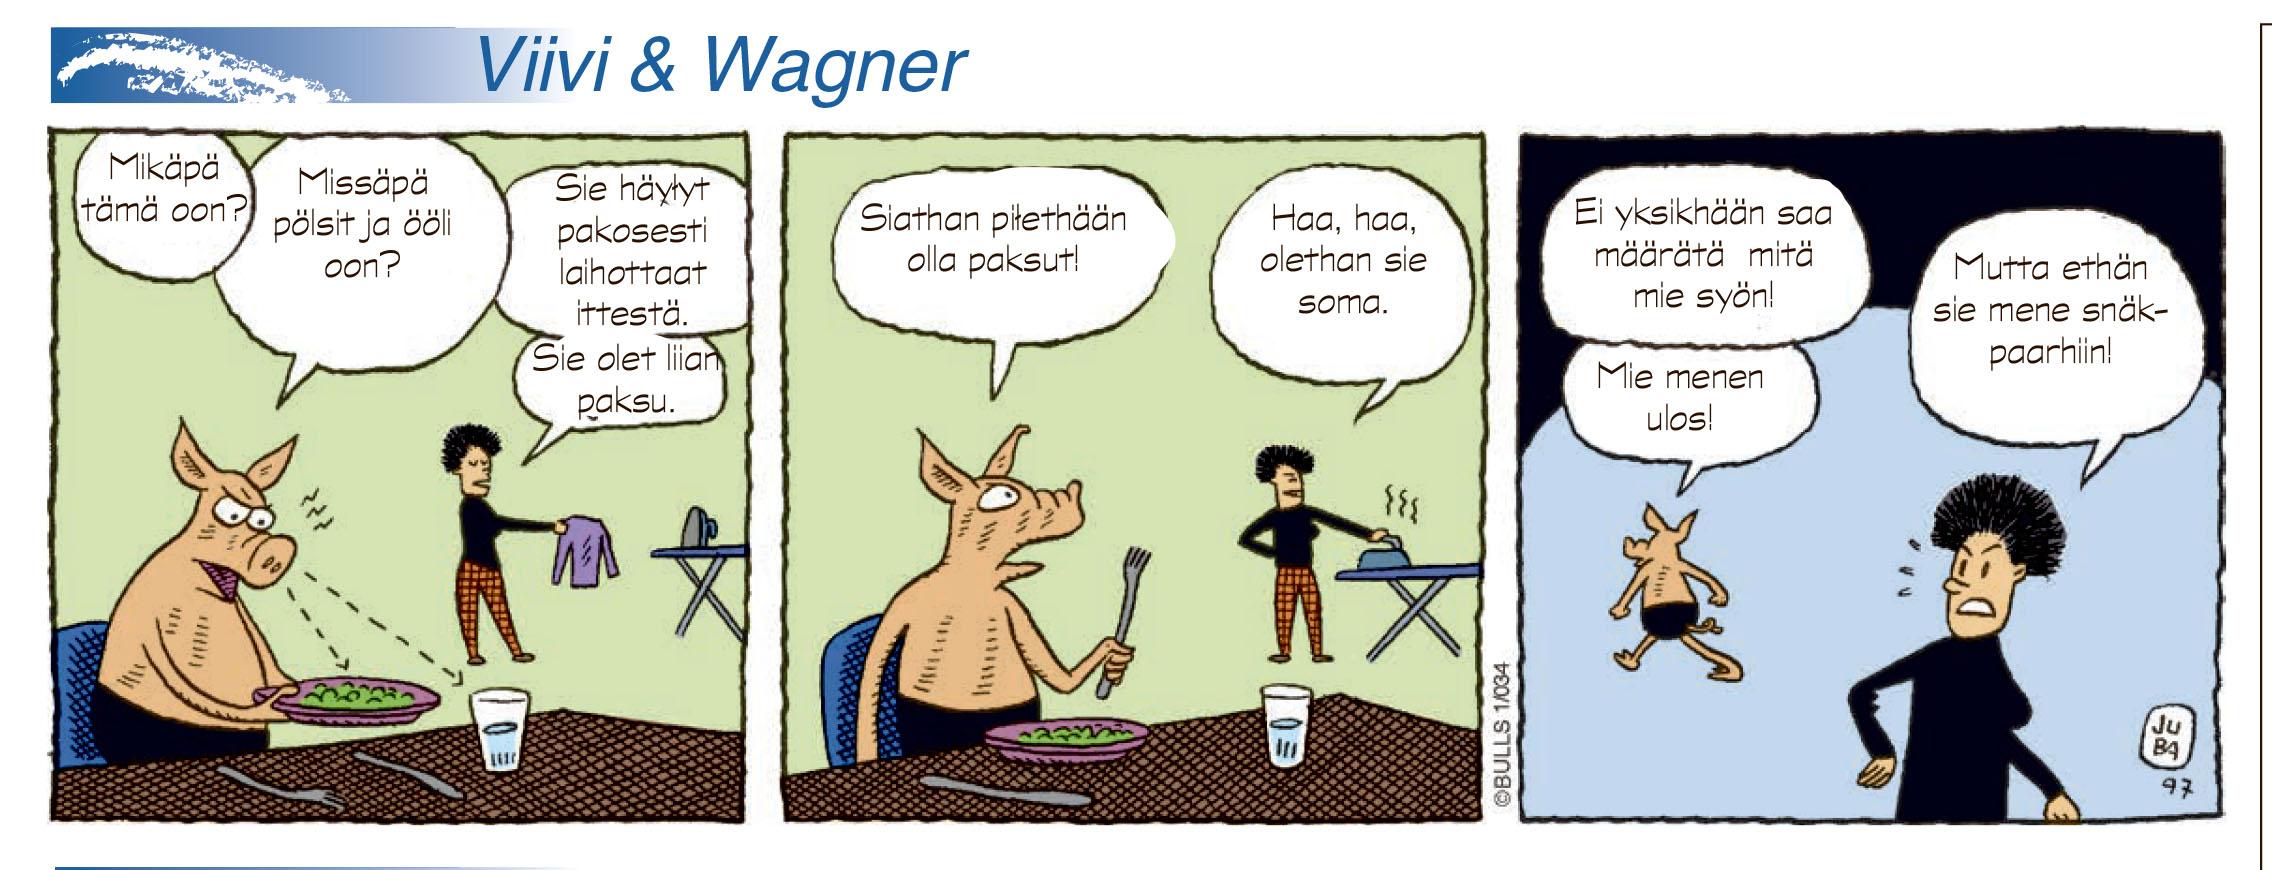 Viivi & Wagner (nr 2 -2015)